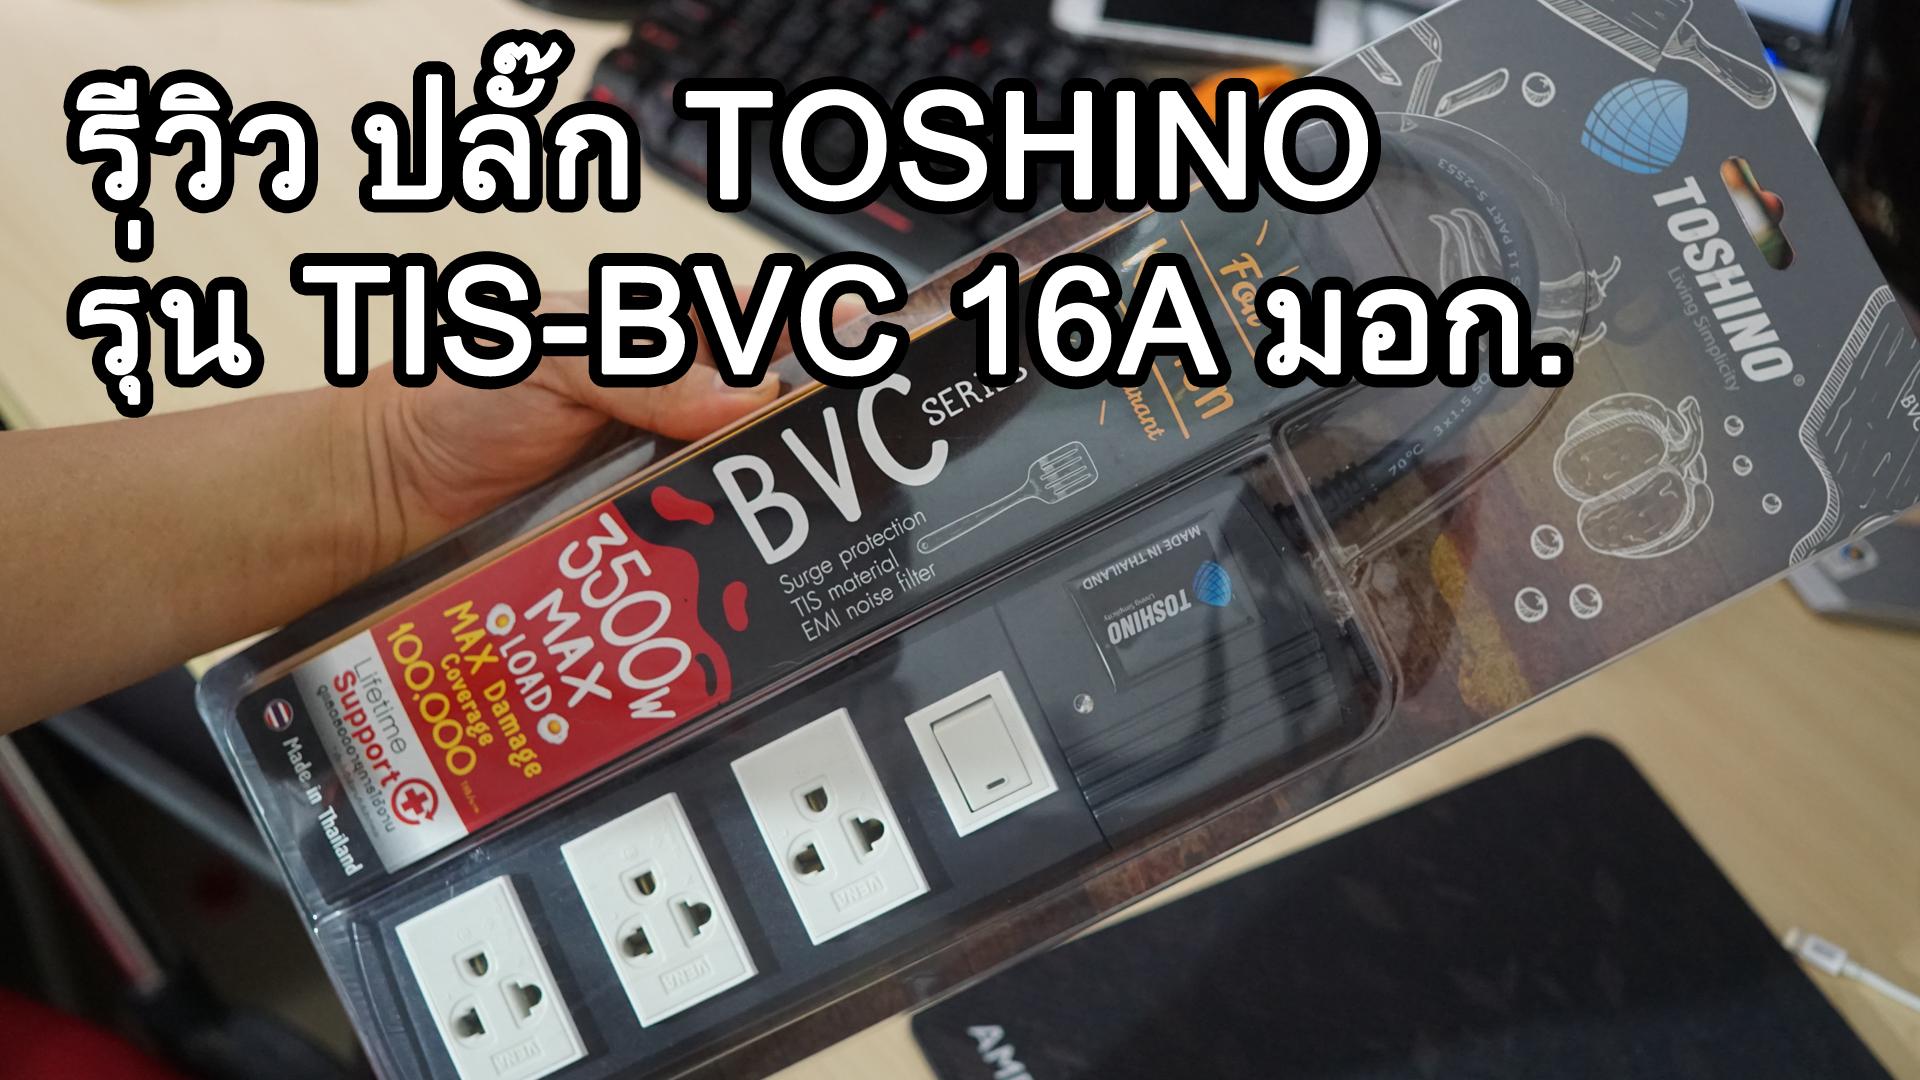 รีวิวปลั๊ก TOSHINO รุ่น มอก. TIS-BVC พร้อมโปรโมชั่นลดราคา